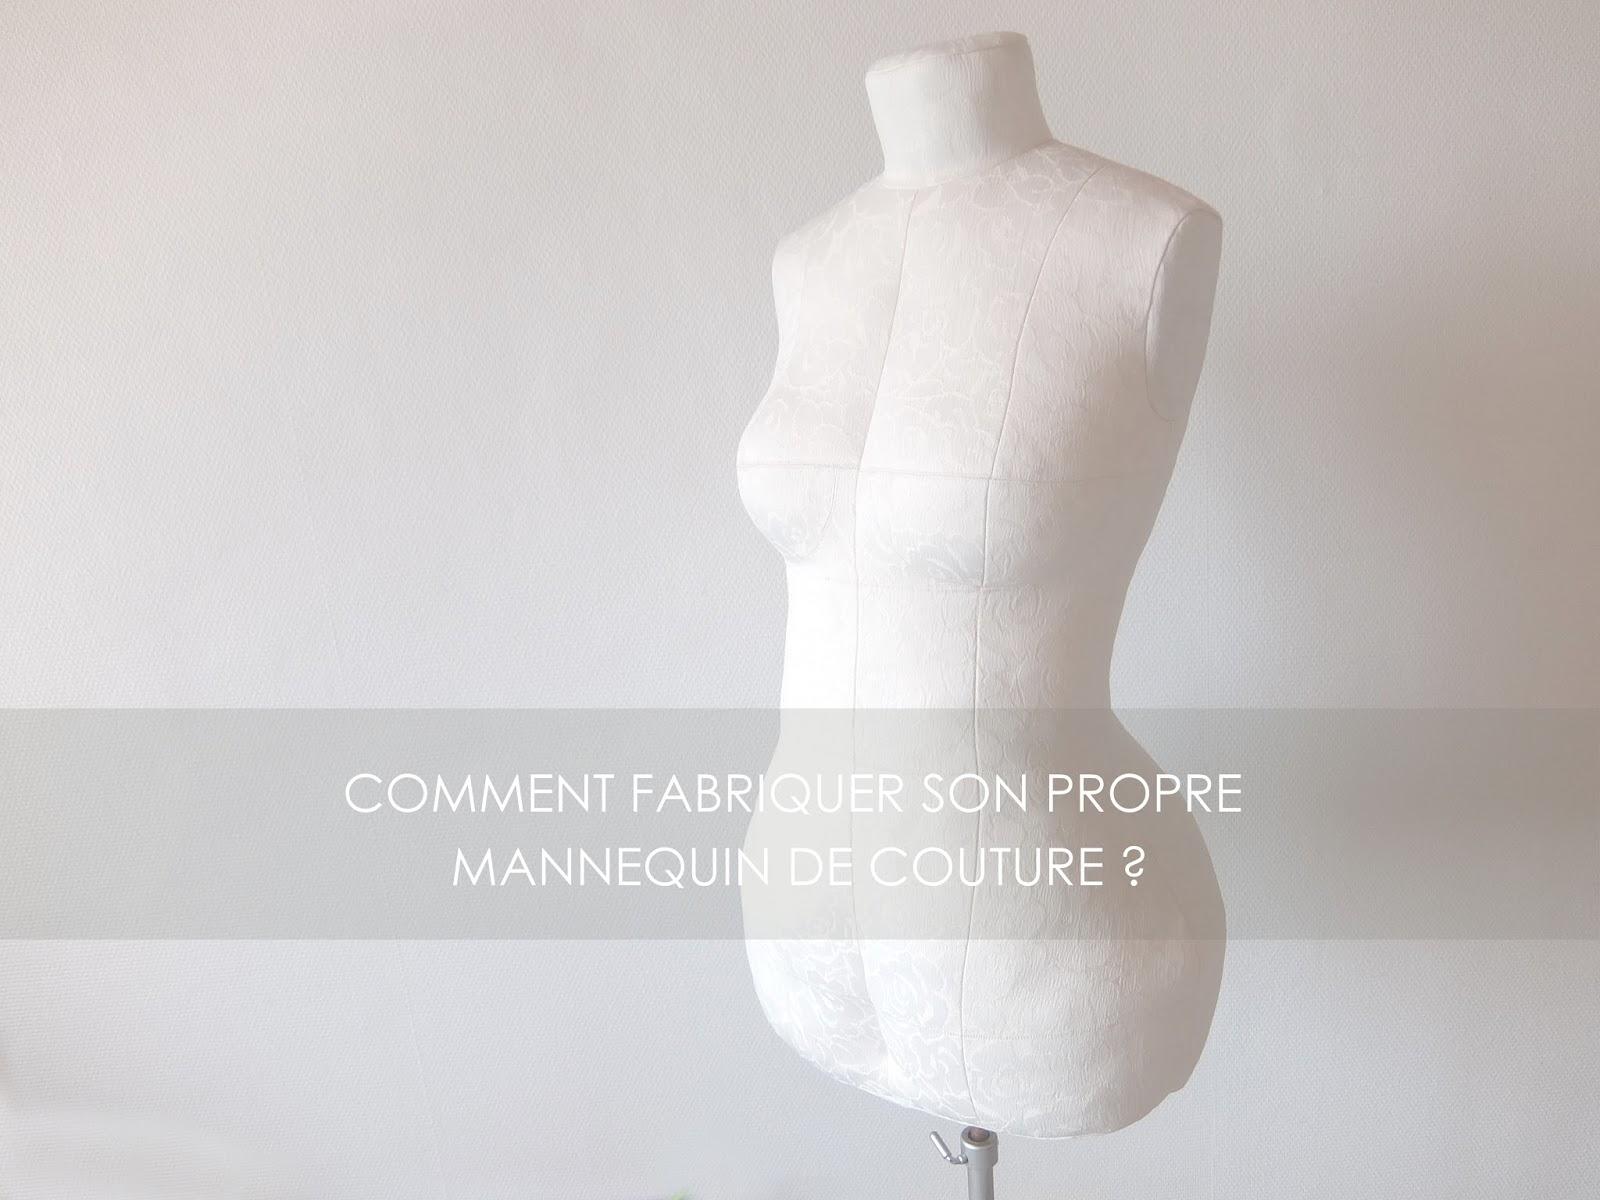 Avoir un mannequin de couture qui reflète parfaitement ses mensurations et  sa posture, n est-ce pas là le rêve de toute couturière   3823fae346f9